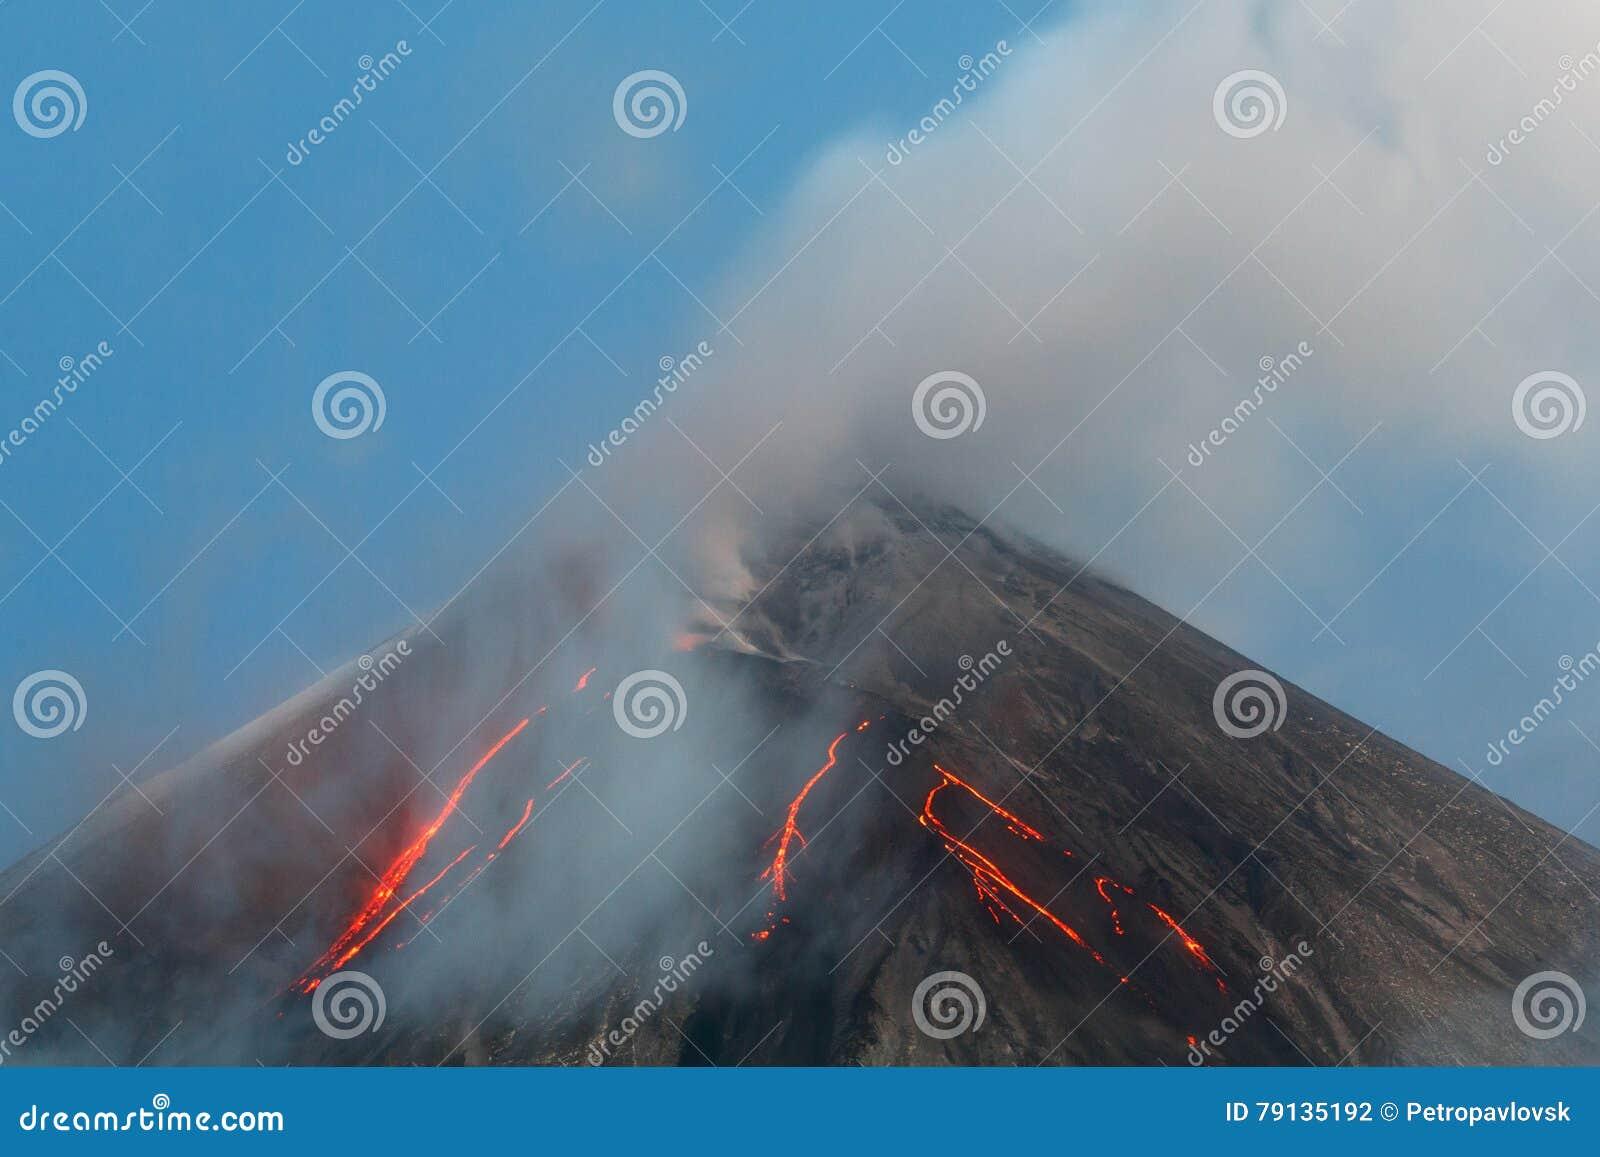 Vulkanische uitbarsting - lavastromen op helling van vulkaan